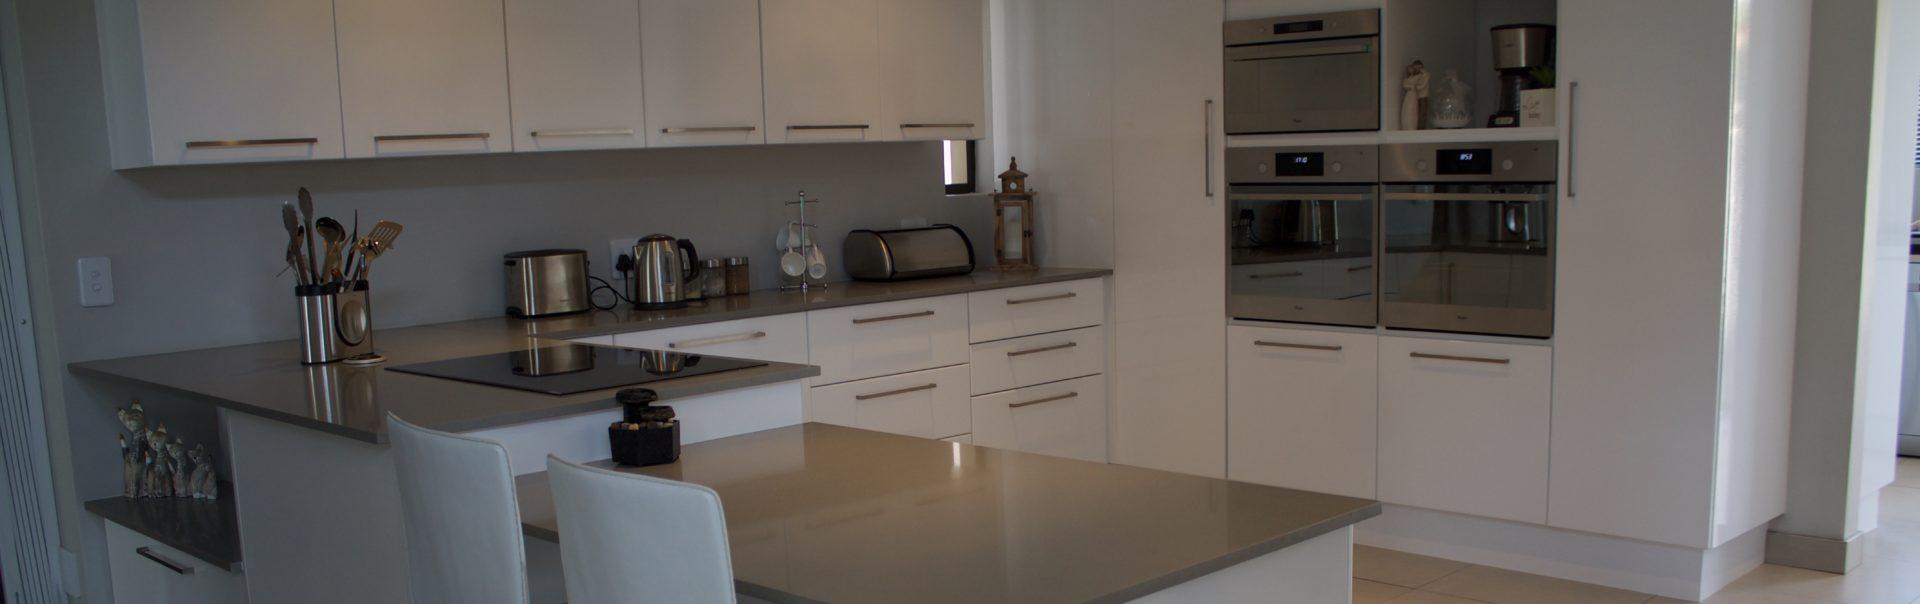 Atlas Kitchens